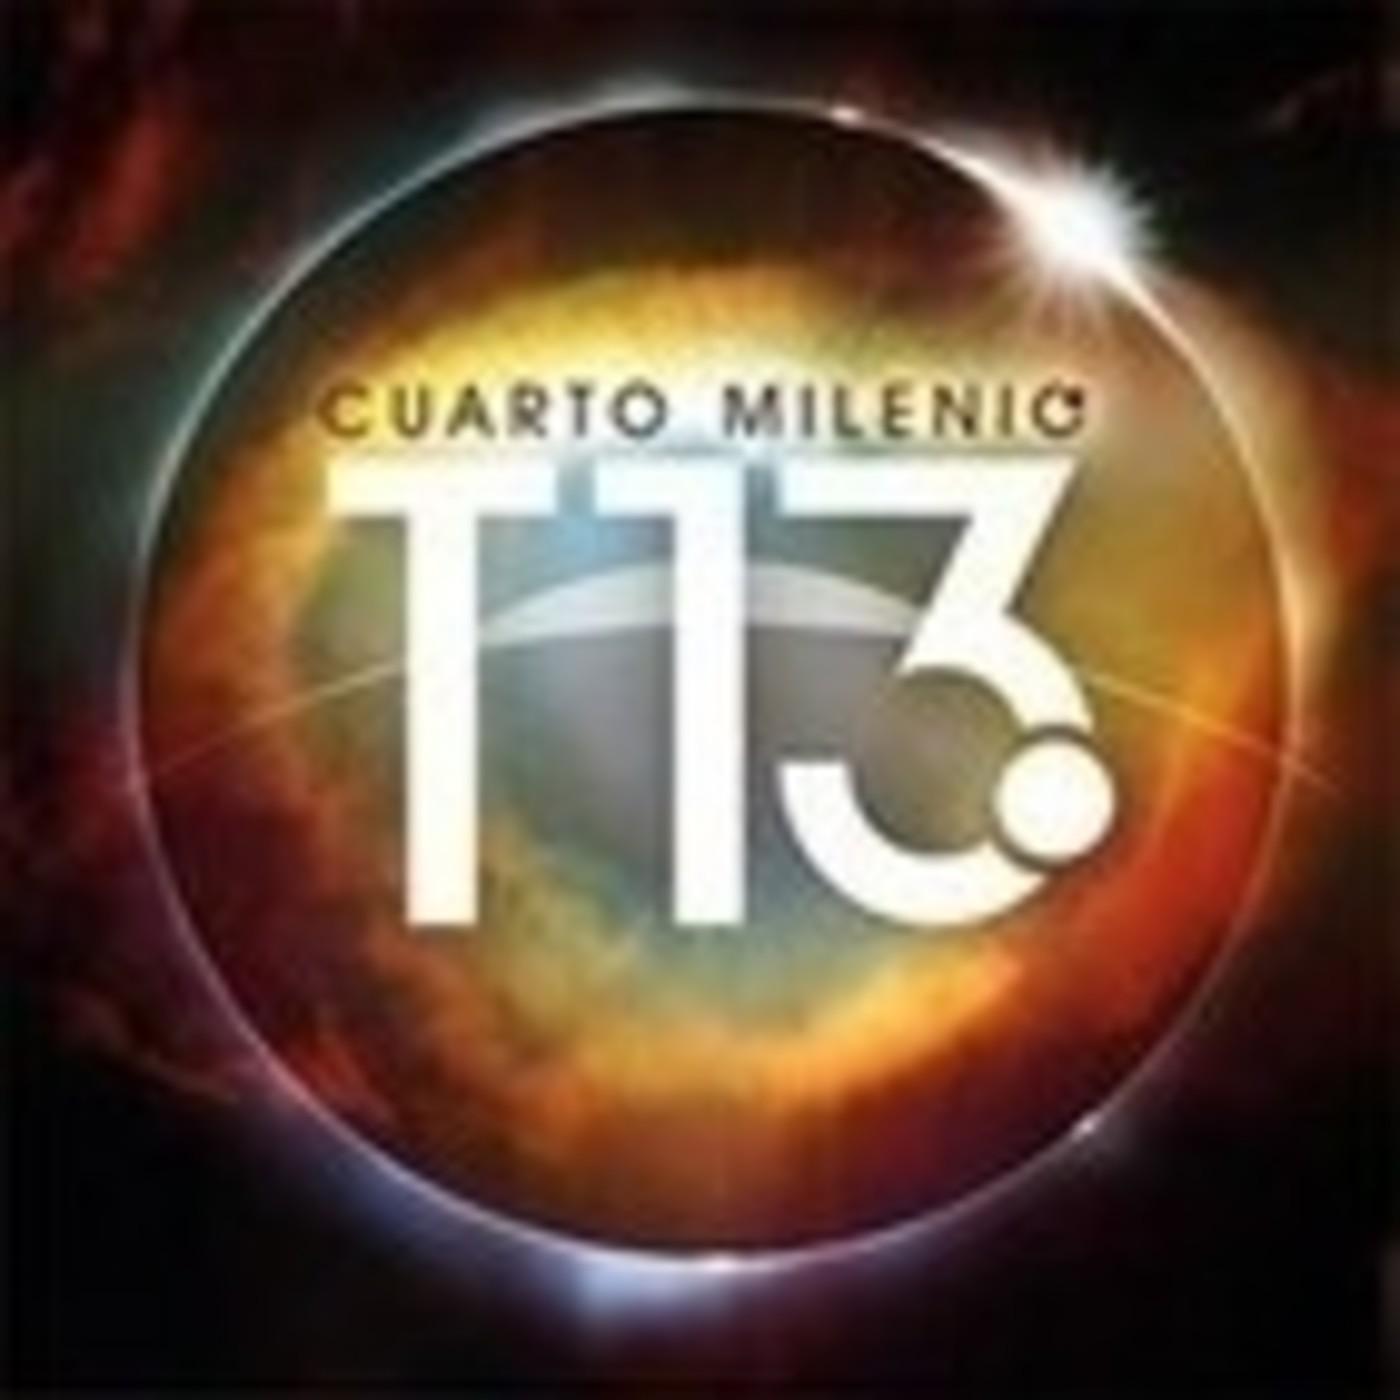 Cuarto milenio (14/1/2018) 13x18: OVNIs, premoniciones y Ouija,los ...